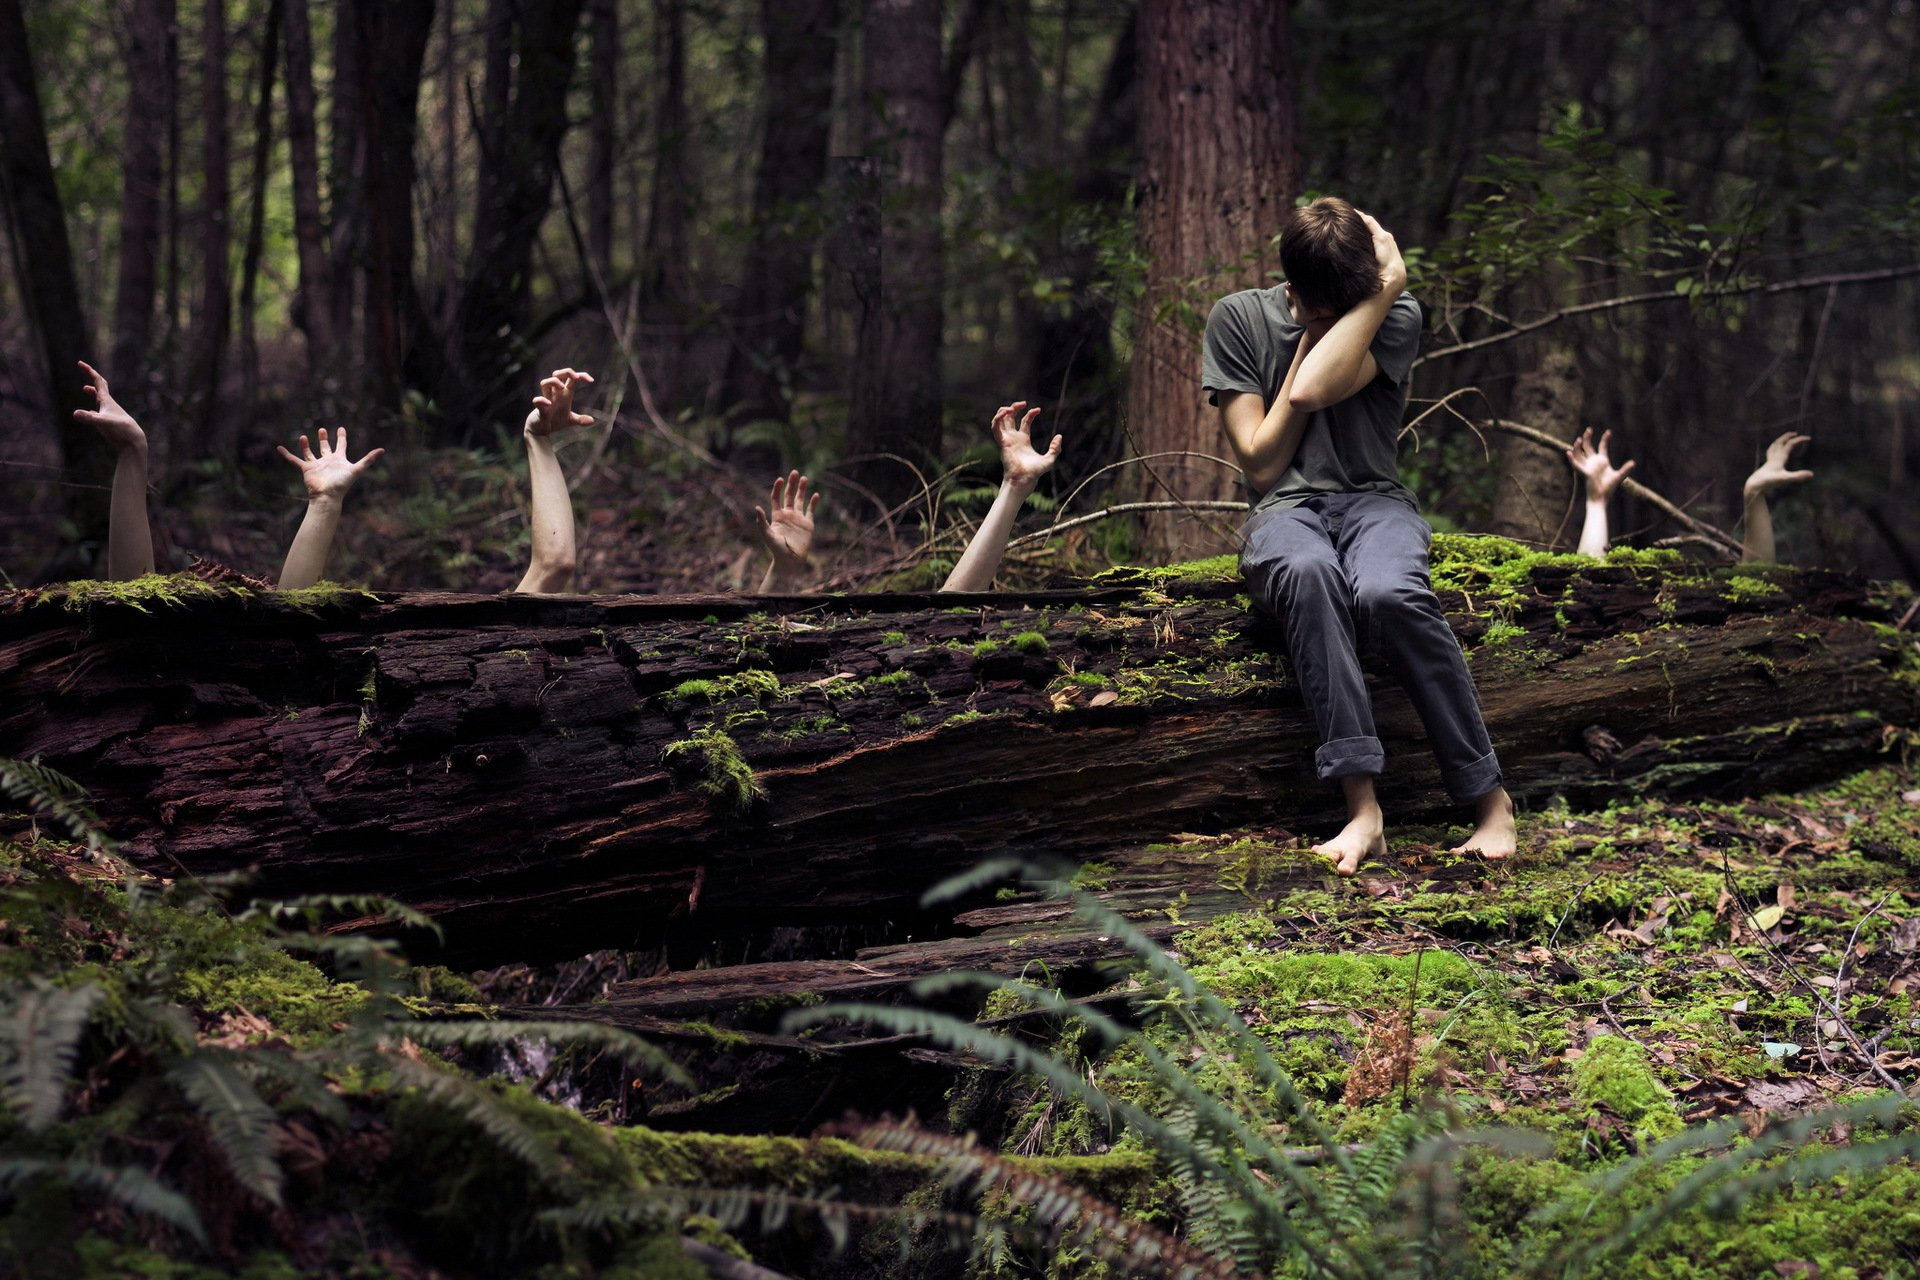 красивые картинки мужчина лес имеете информации наградам